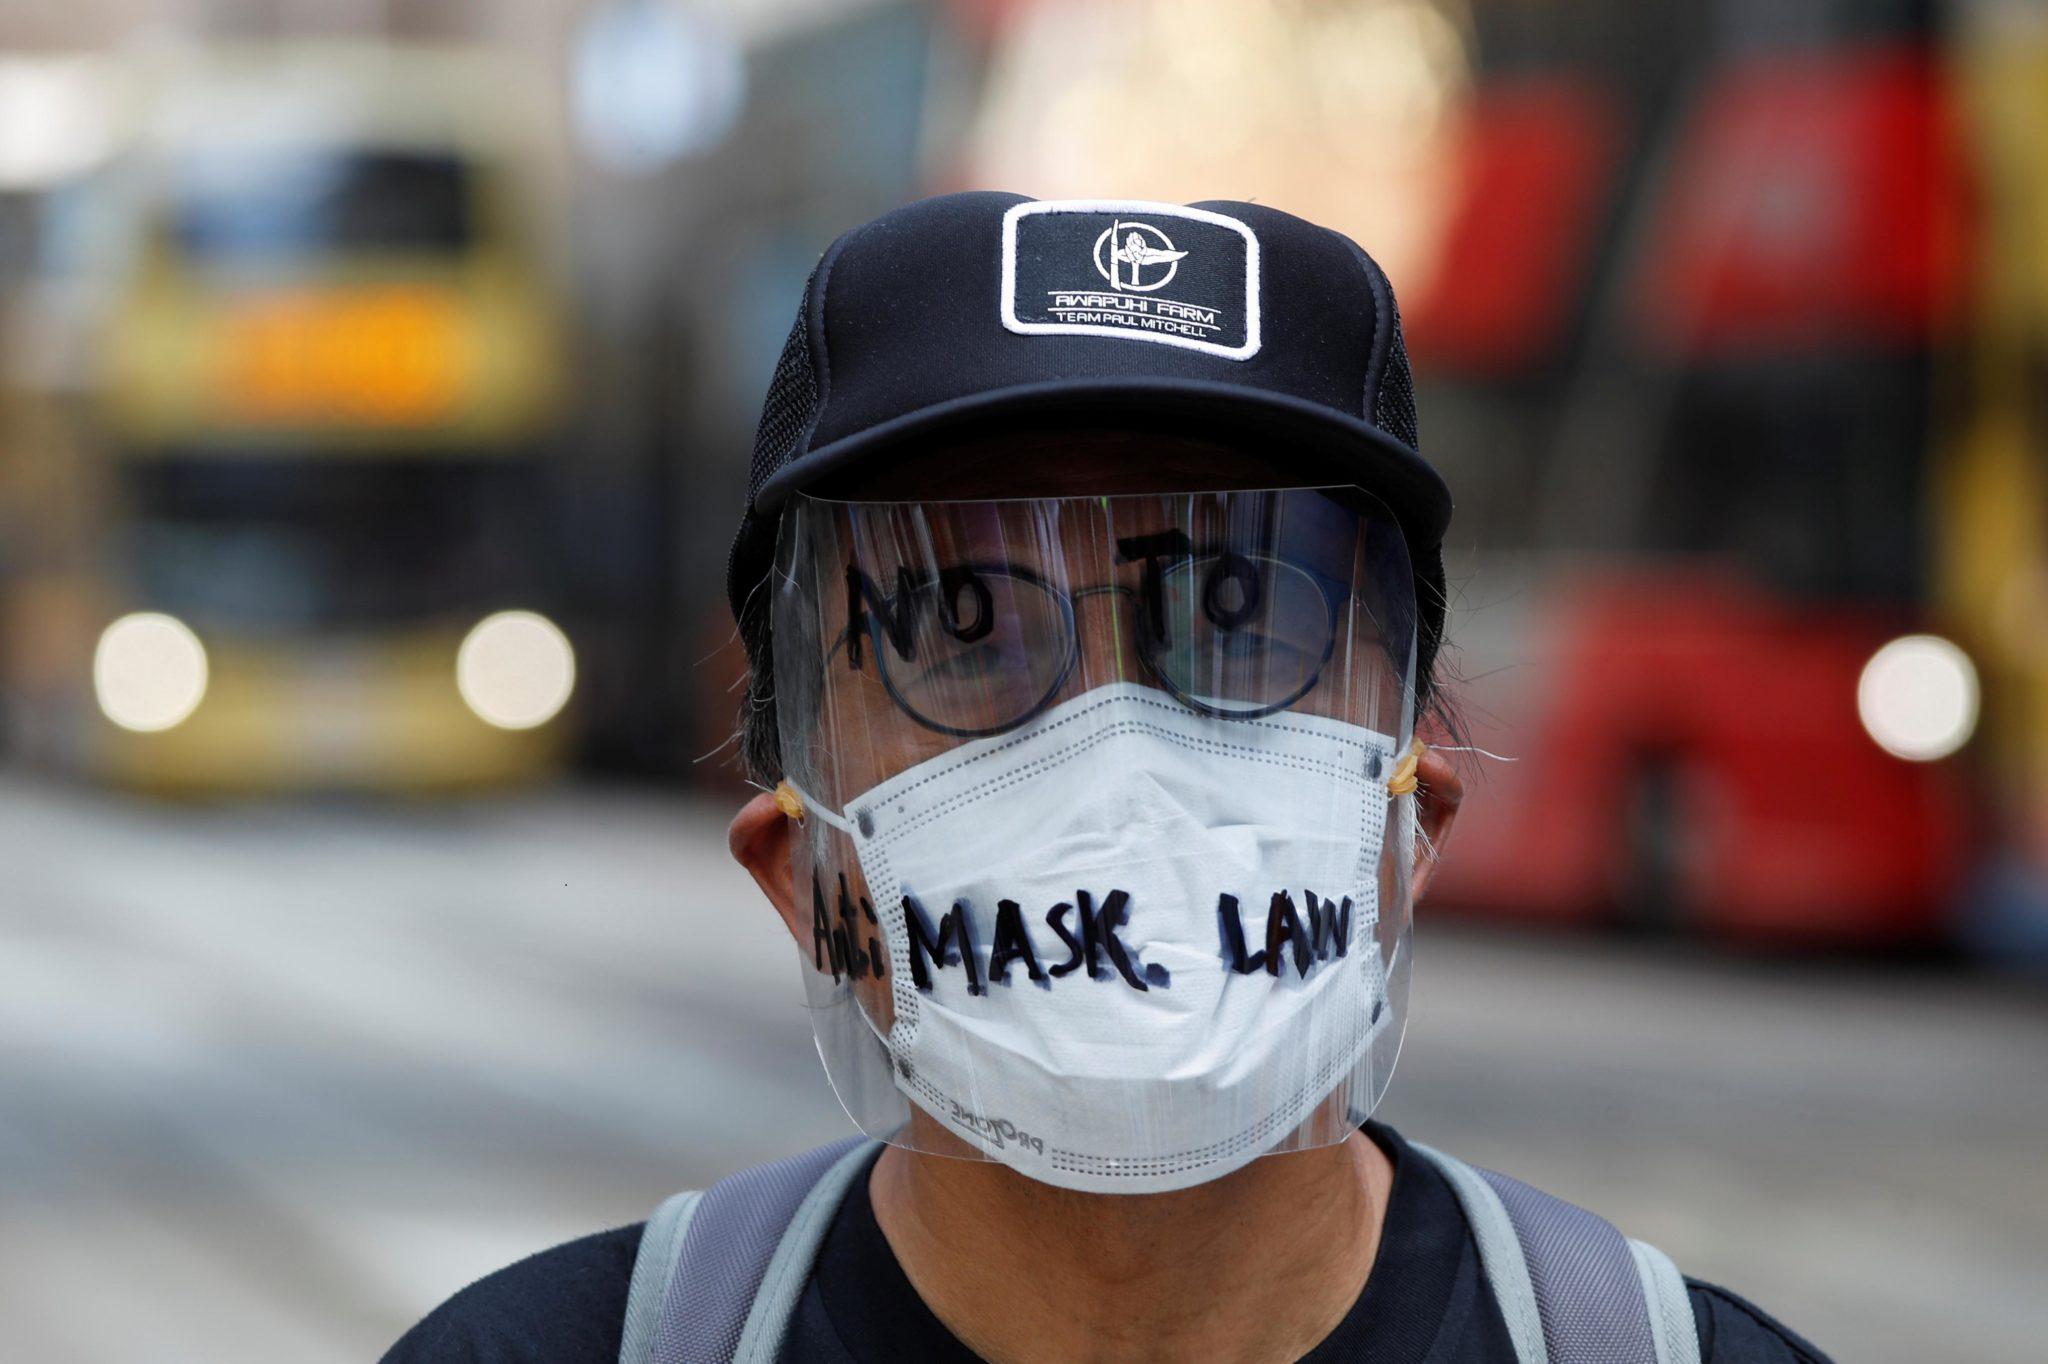 Polícia usa jatos de canhão de água para dispersar manifestantes em Hong Kong